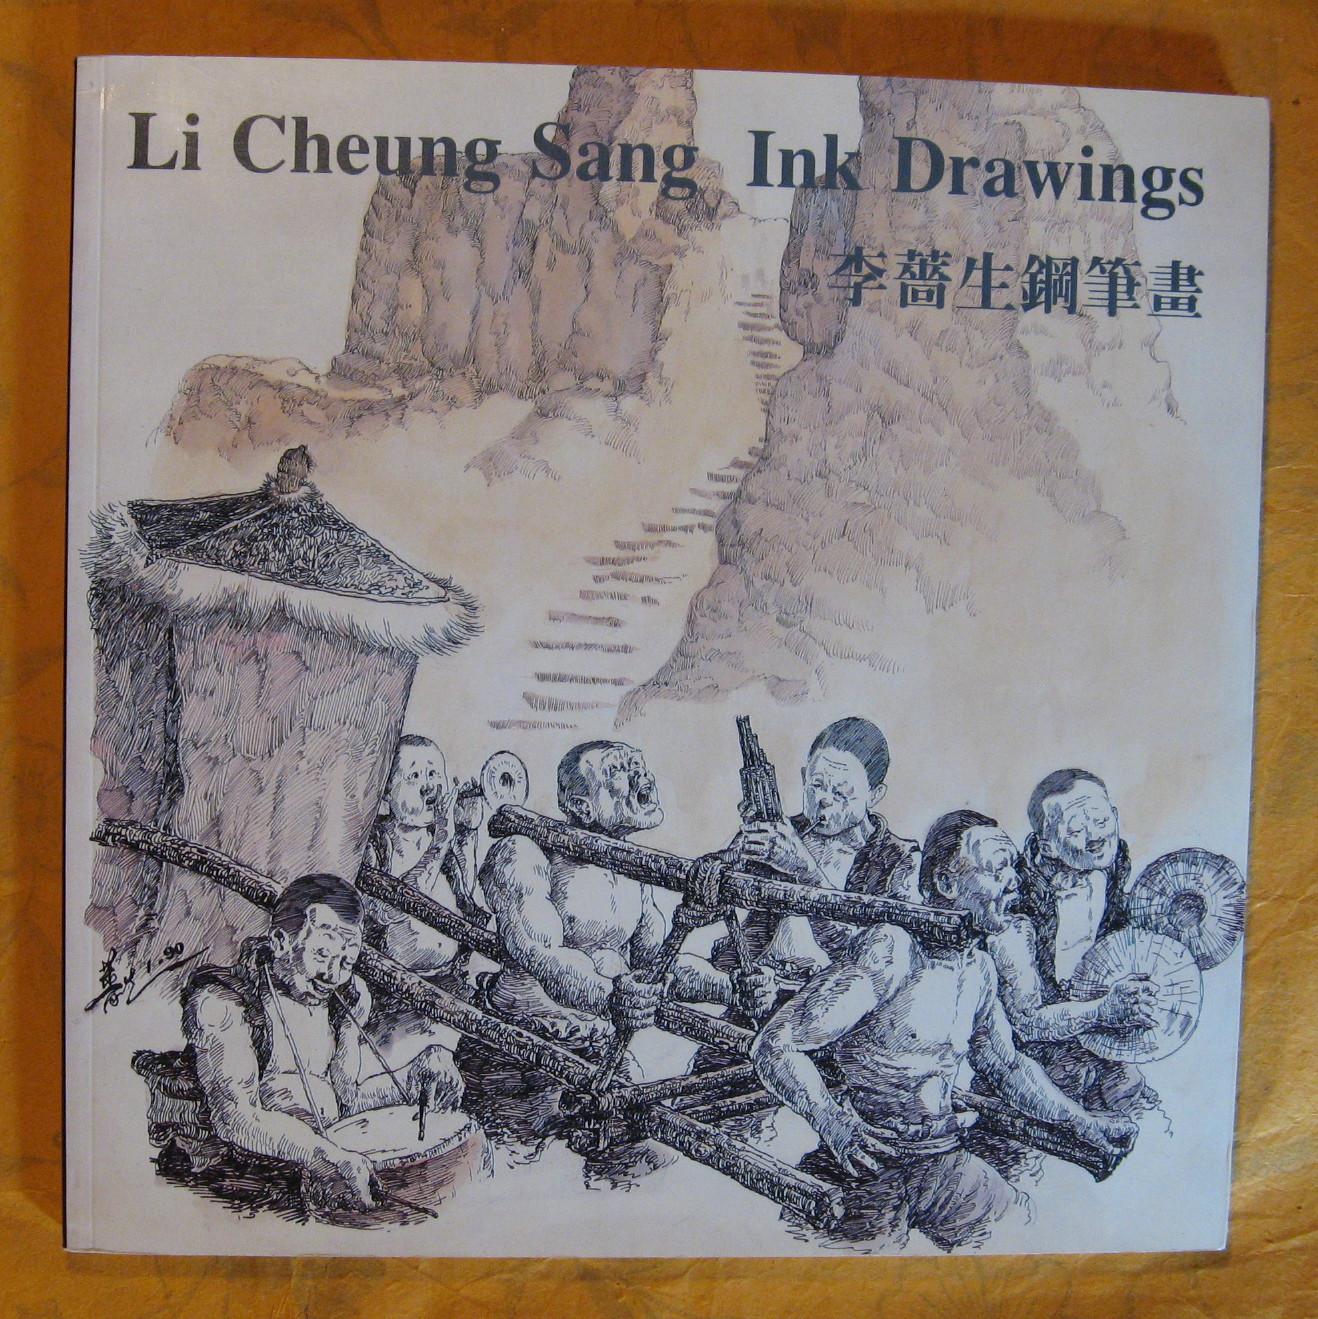 Li Cheung Sang Ink Drawings, Guan Jing Yu (ed.); Li Cheung Sang